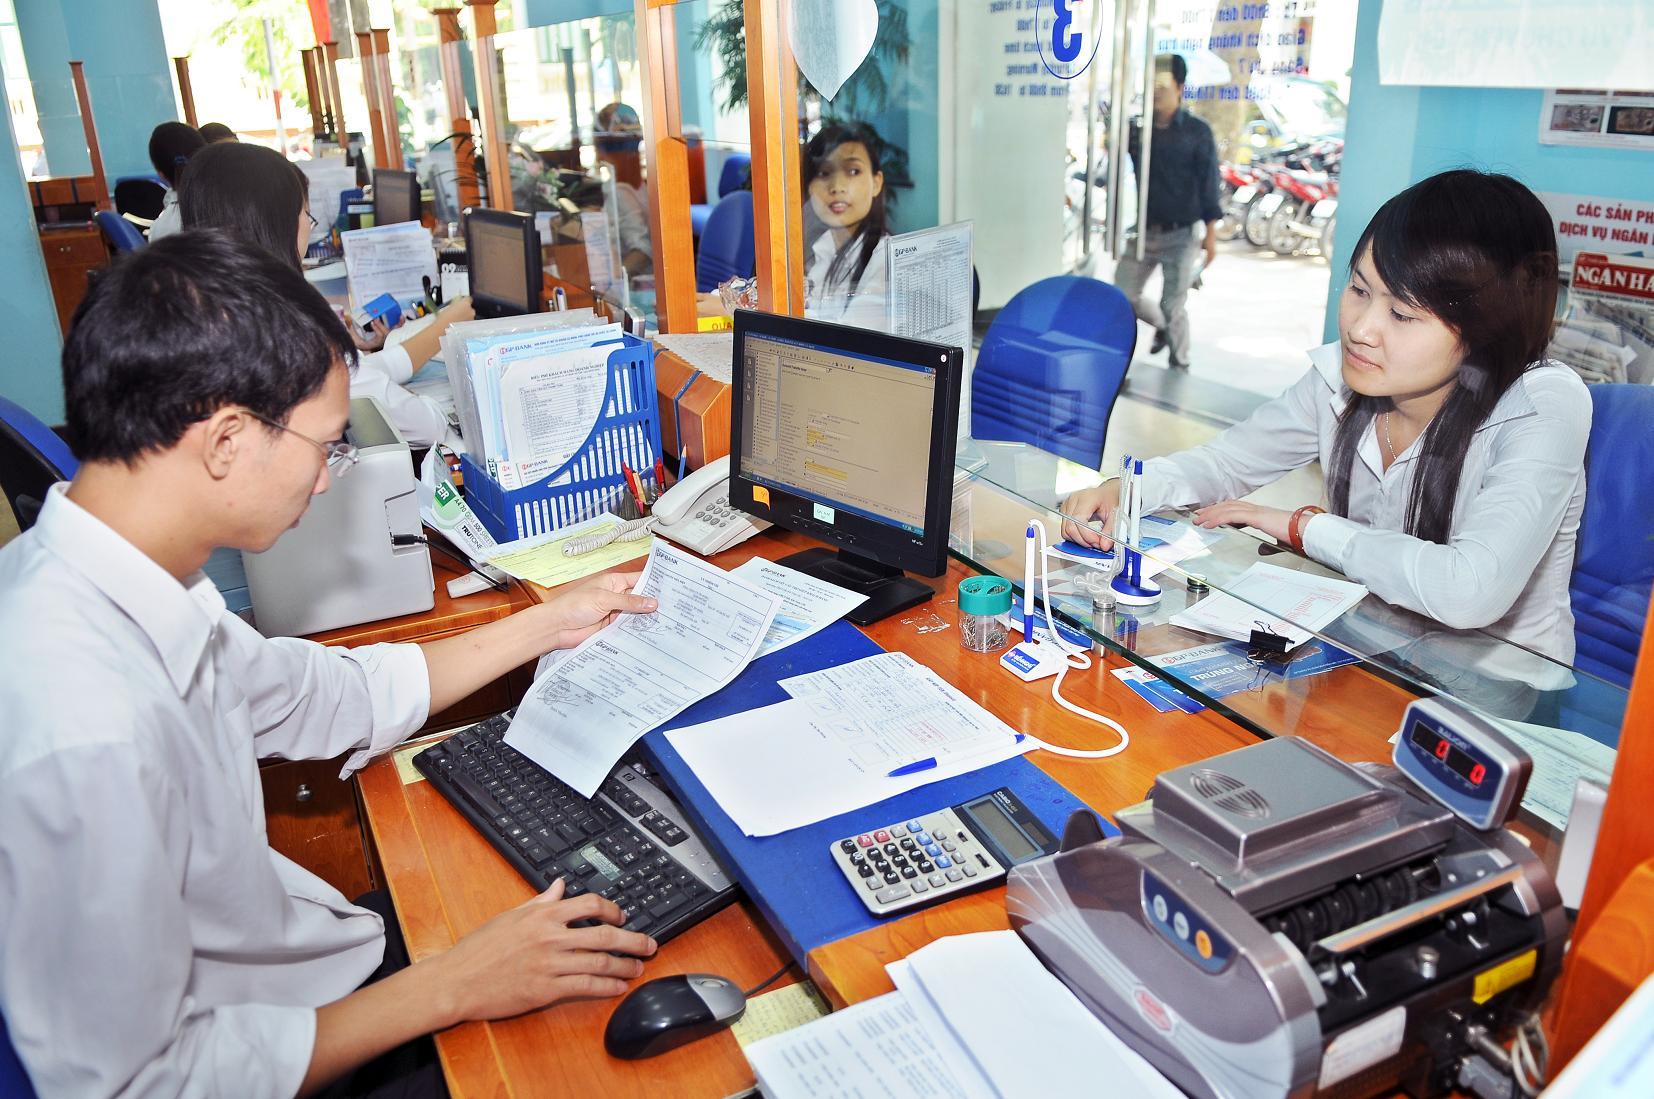 Hà Nội: Công khai 262 doanh nghiệp nợ thuế hơn 2,200 tỷ đồng